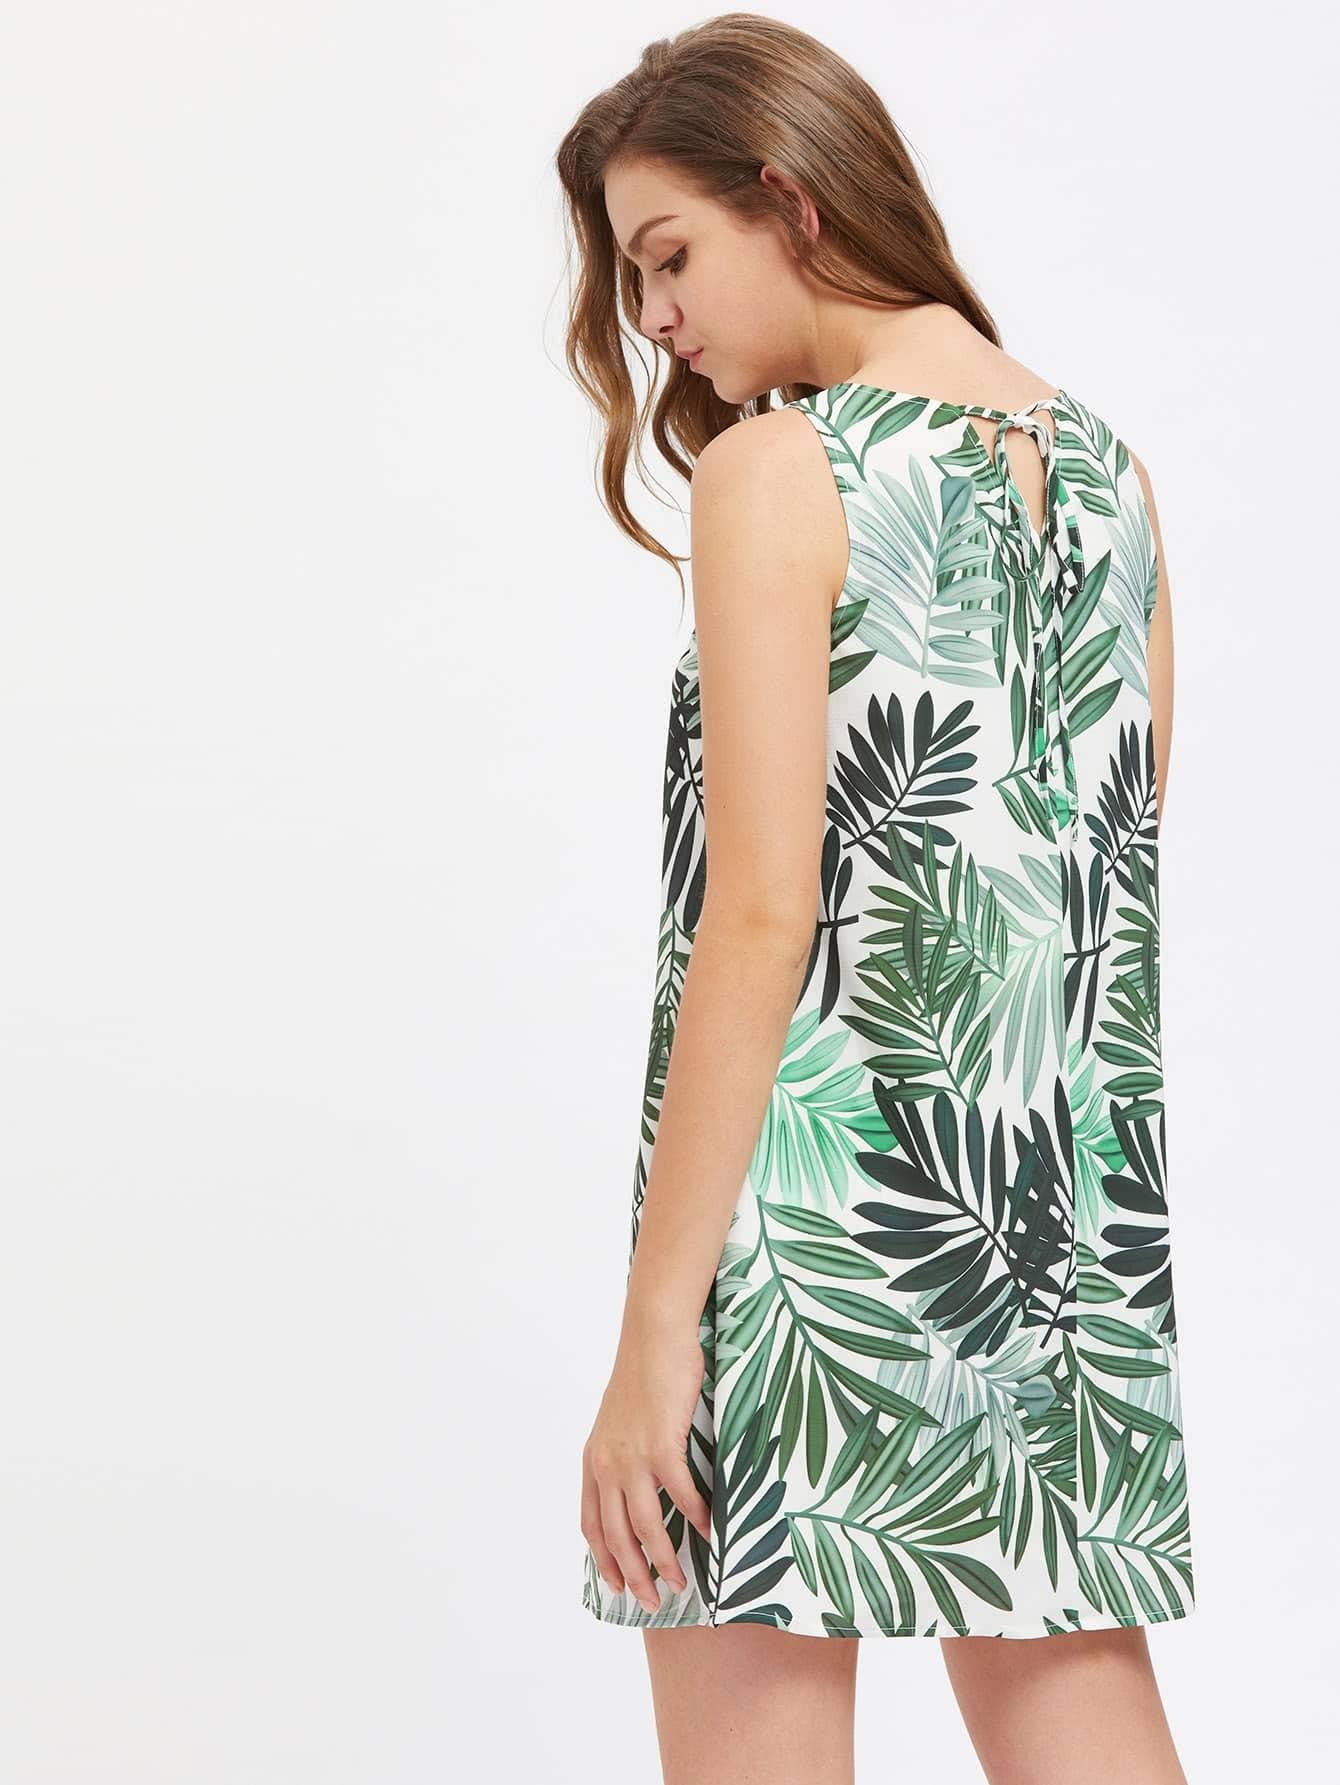 dress170524706_2